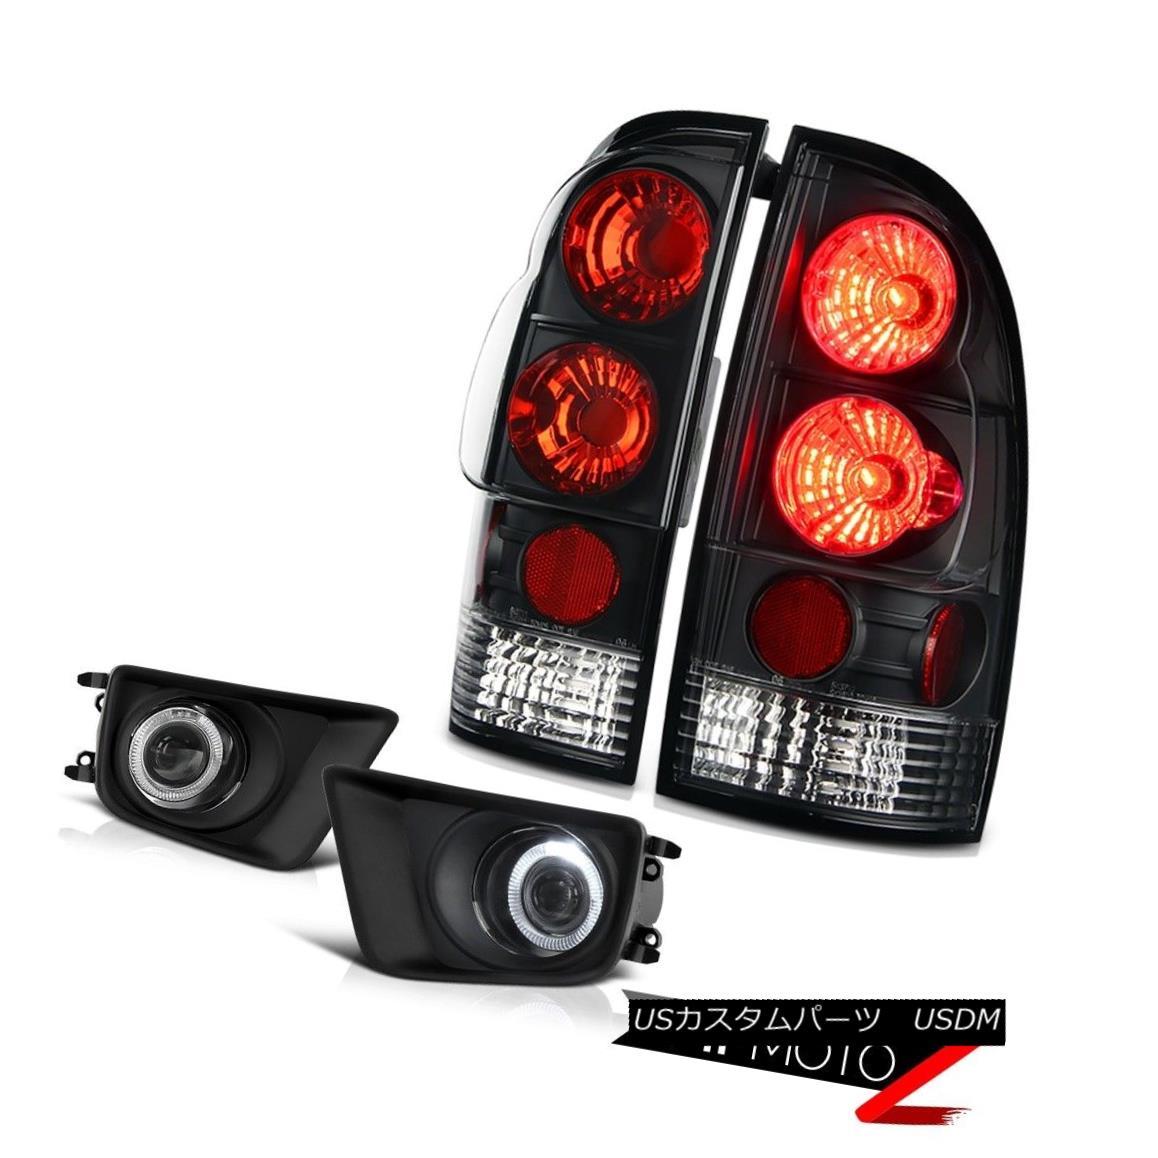 テールライト 2012 2013 2014 2015 Toyota Tacoma Offroad Foglights matte black tail brake lamps 2012 2013 2014 2015 Toyota Tacoma Offroad Foglightsマットブラックテールブレーキランプ